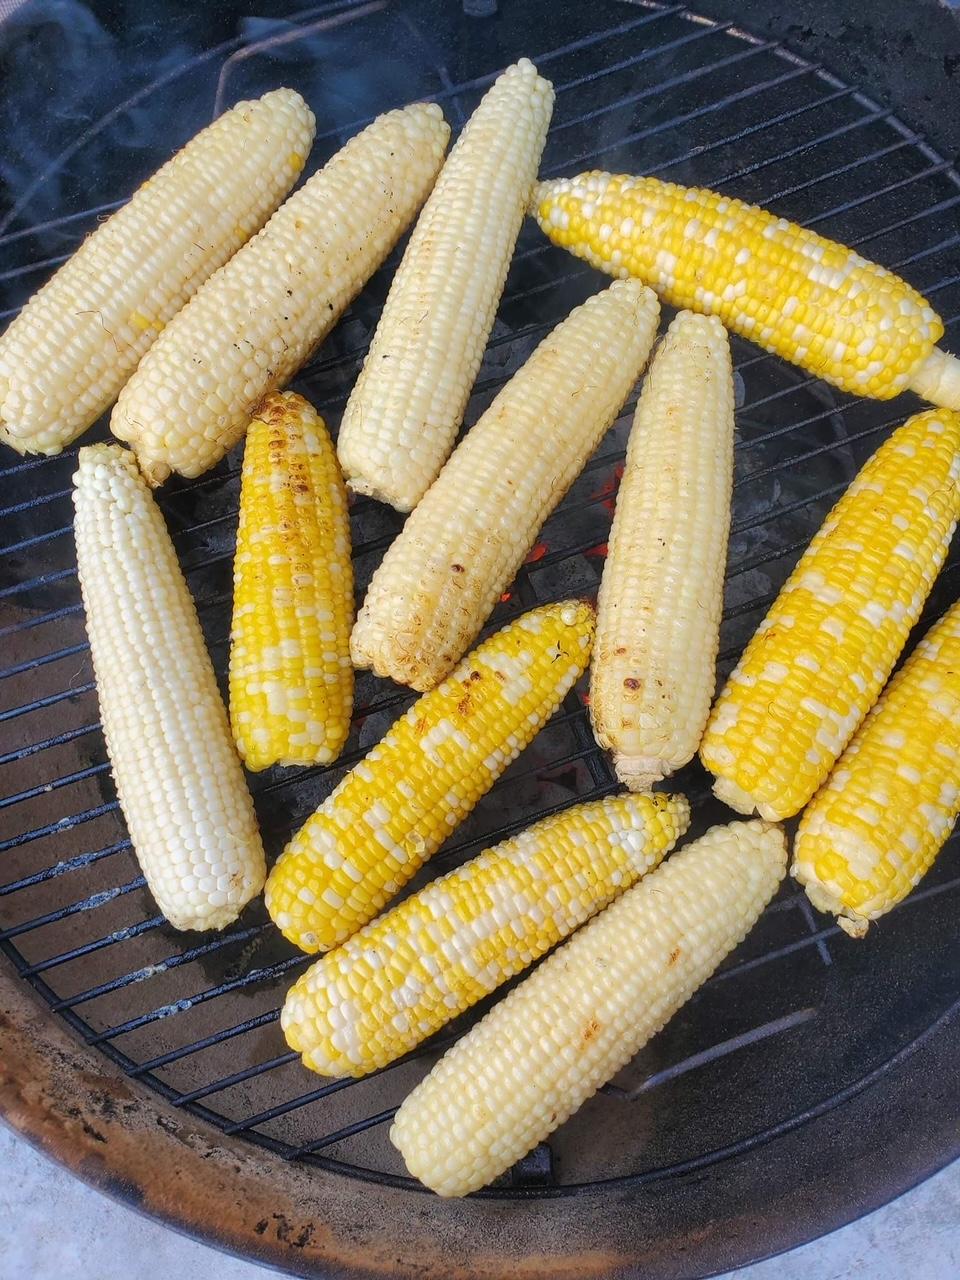 Grilling Fertile Valley's sweet corn